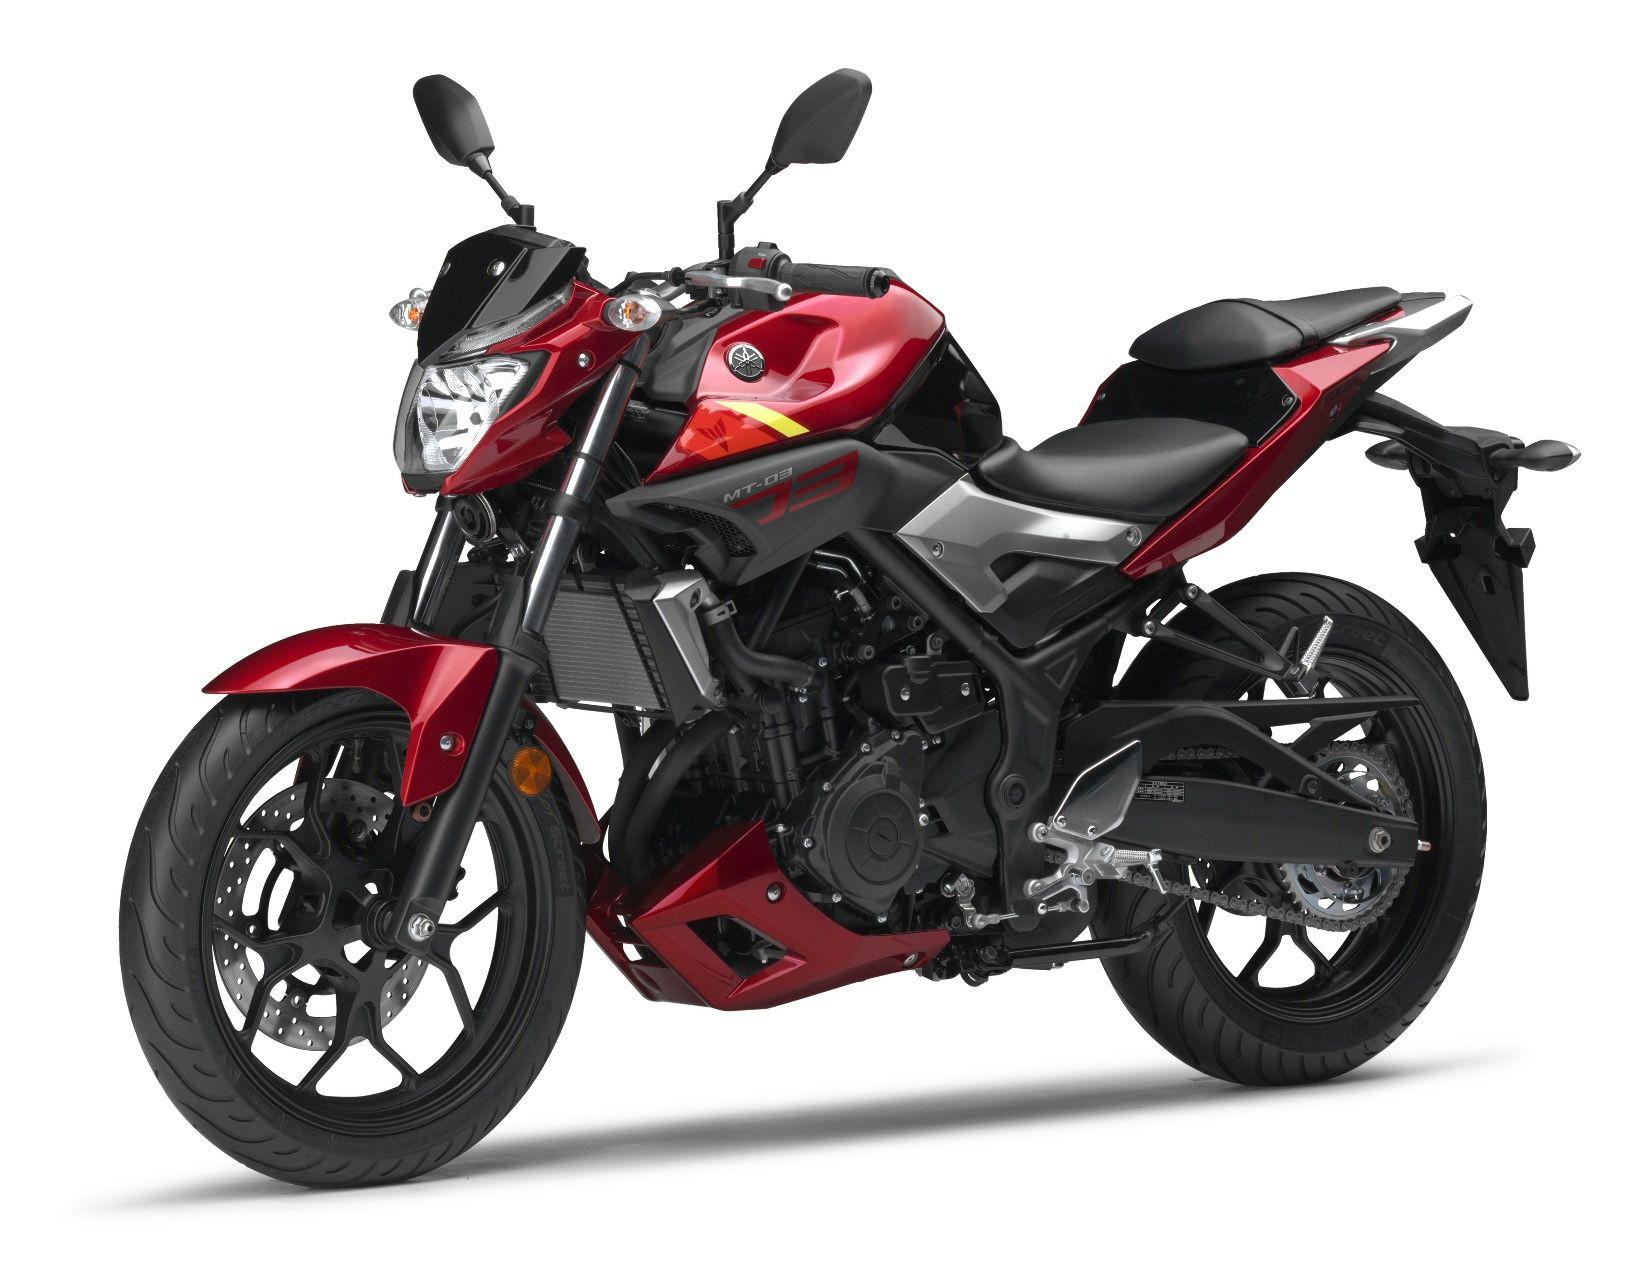 Yamaha Fz 03 Coming For 2016 Motocicletas Yamaha Motos